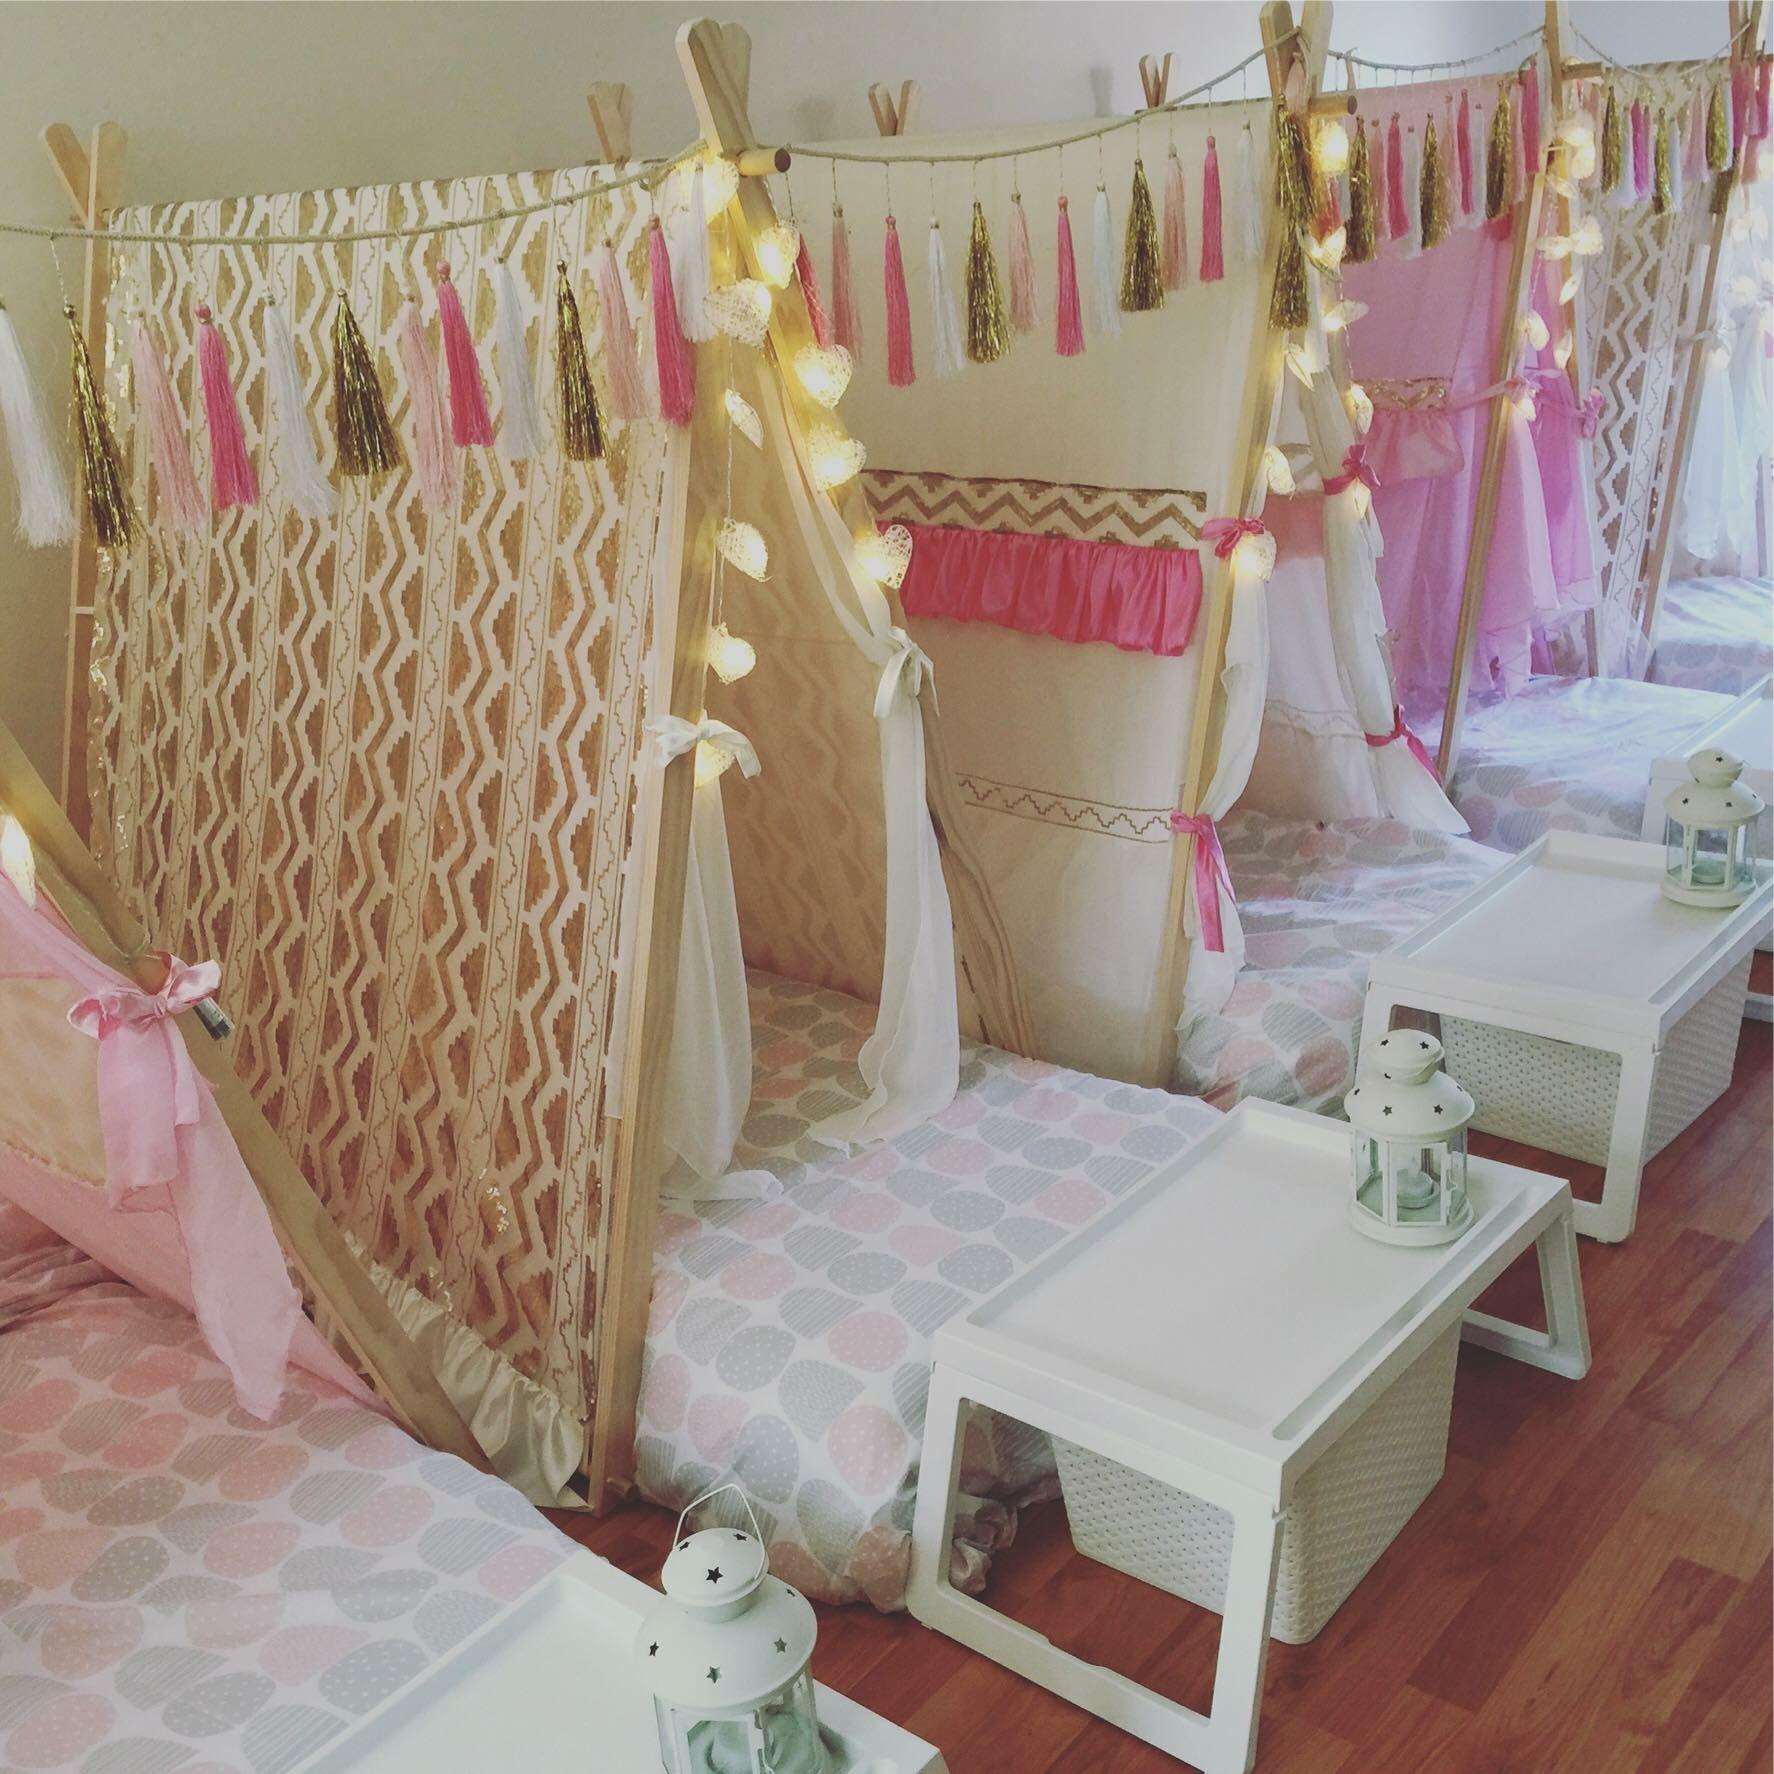 Camelot Slumber Party Tents Https M Facebook Com